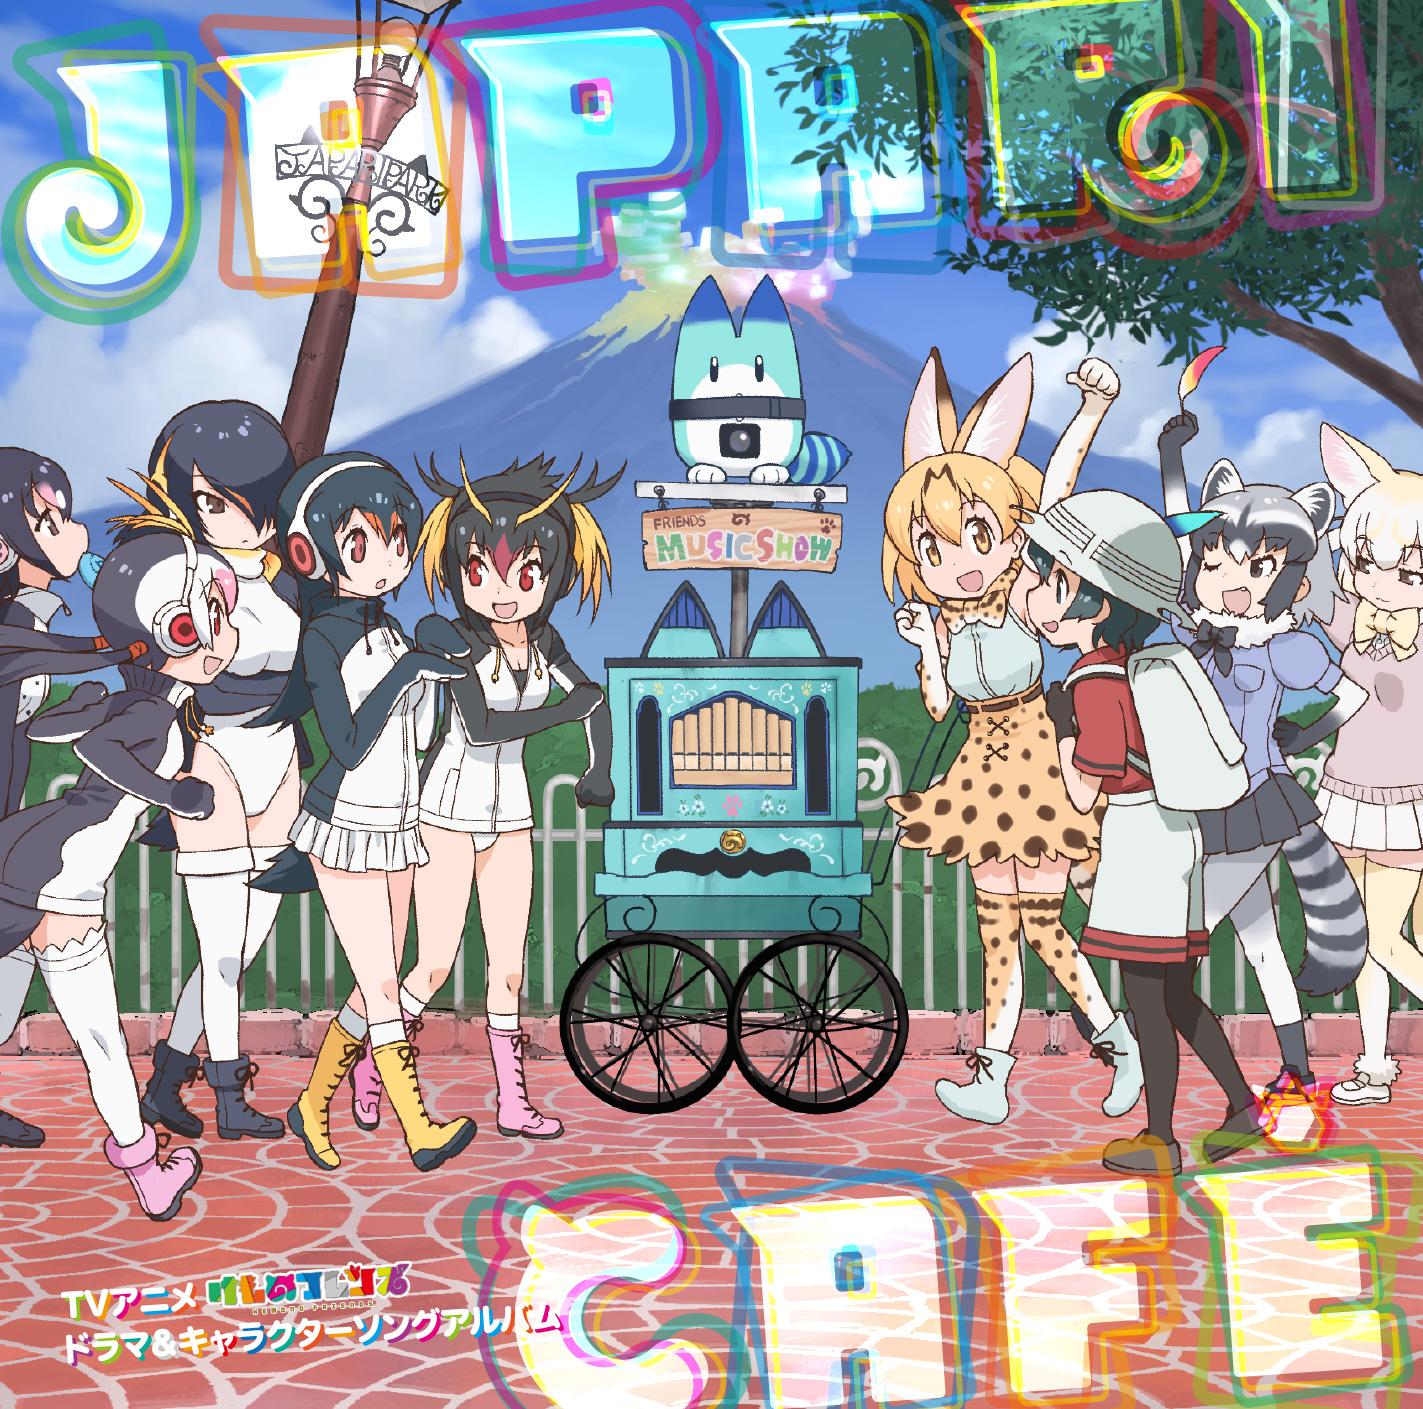 《兽娘动物园》的广播剧与角色歌专辑 「Japari 5Café」